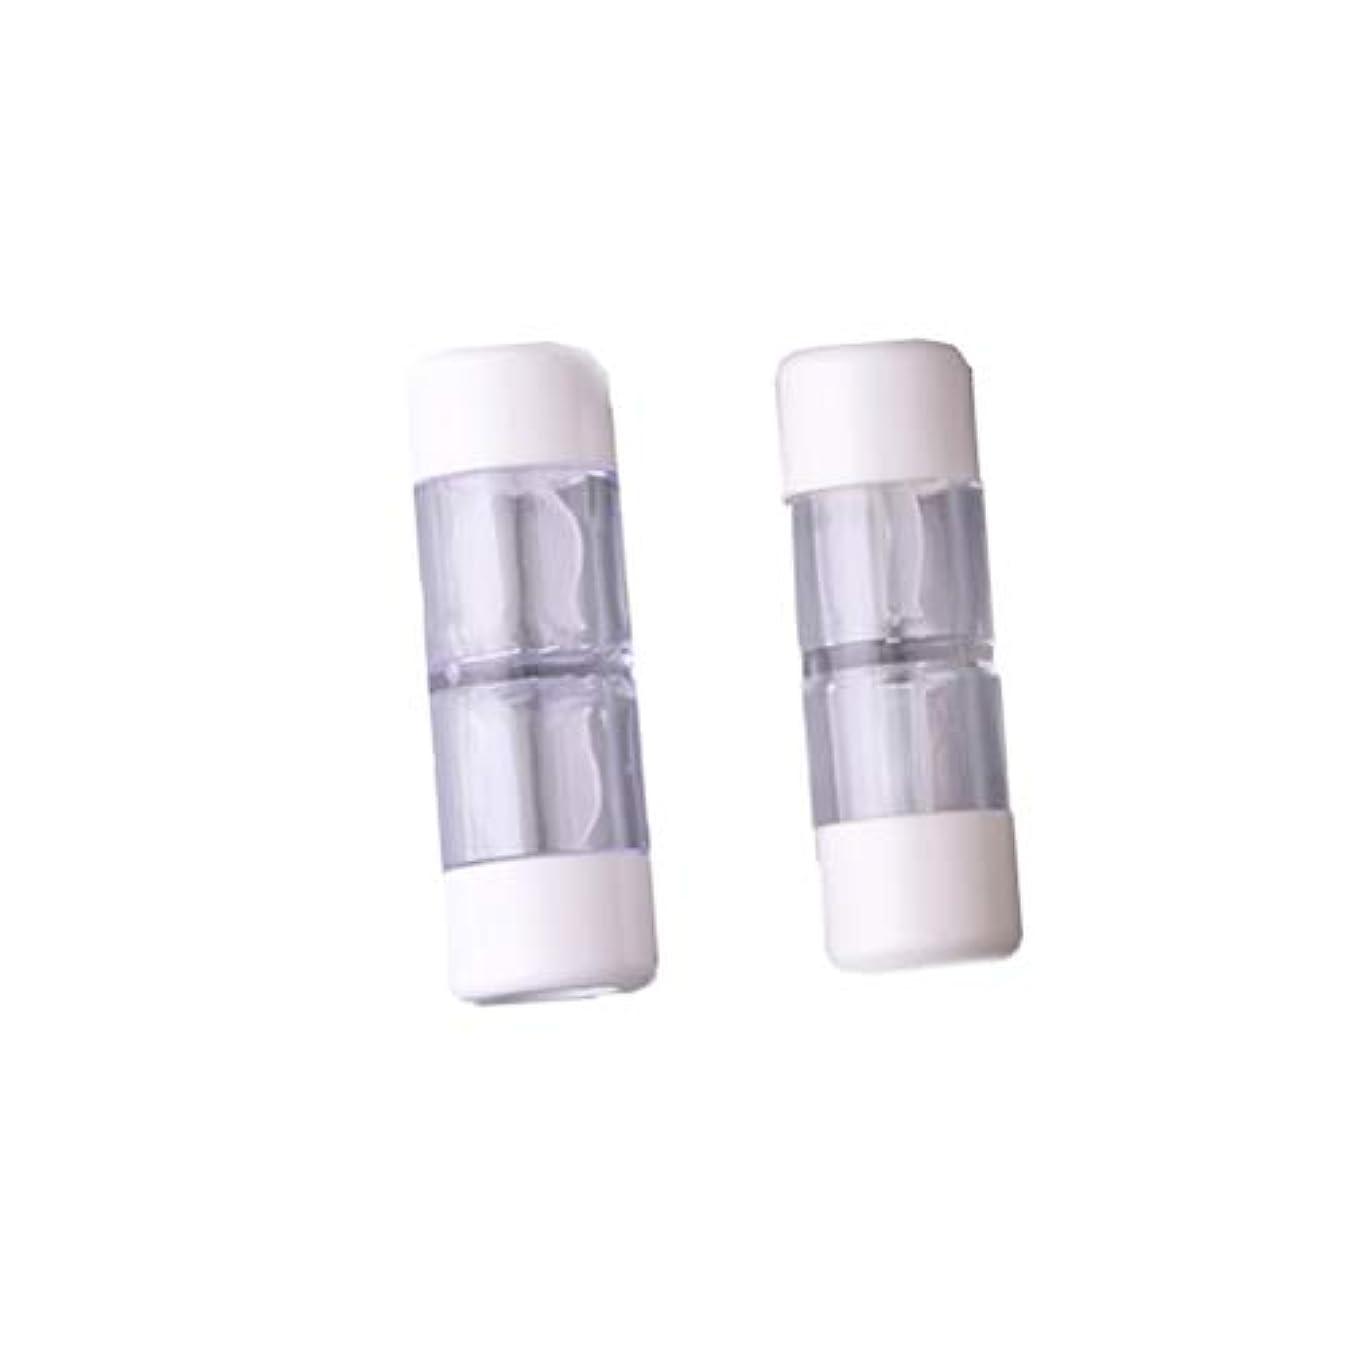 主リハーサル実用的Heallily コンタクトレンズケース1セットコンタクトレンズケースボックス収納ジャーツール瓶とピンセット付き(5ペアRGPミックスカラー)